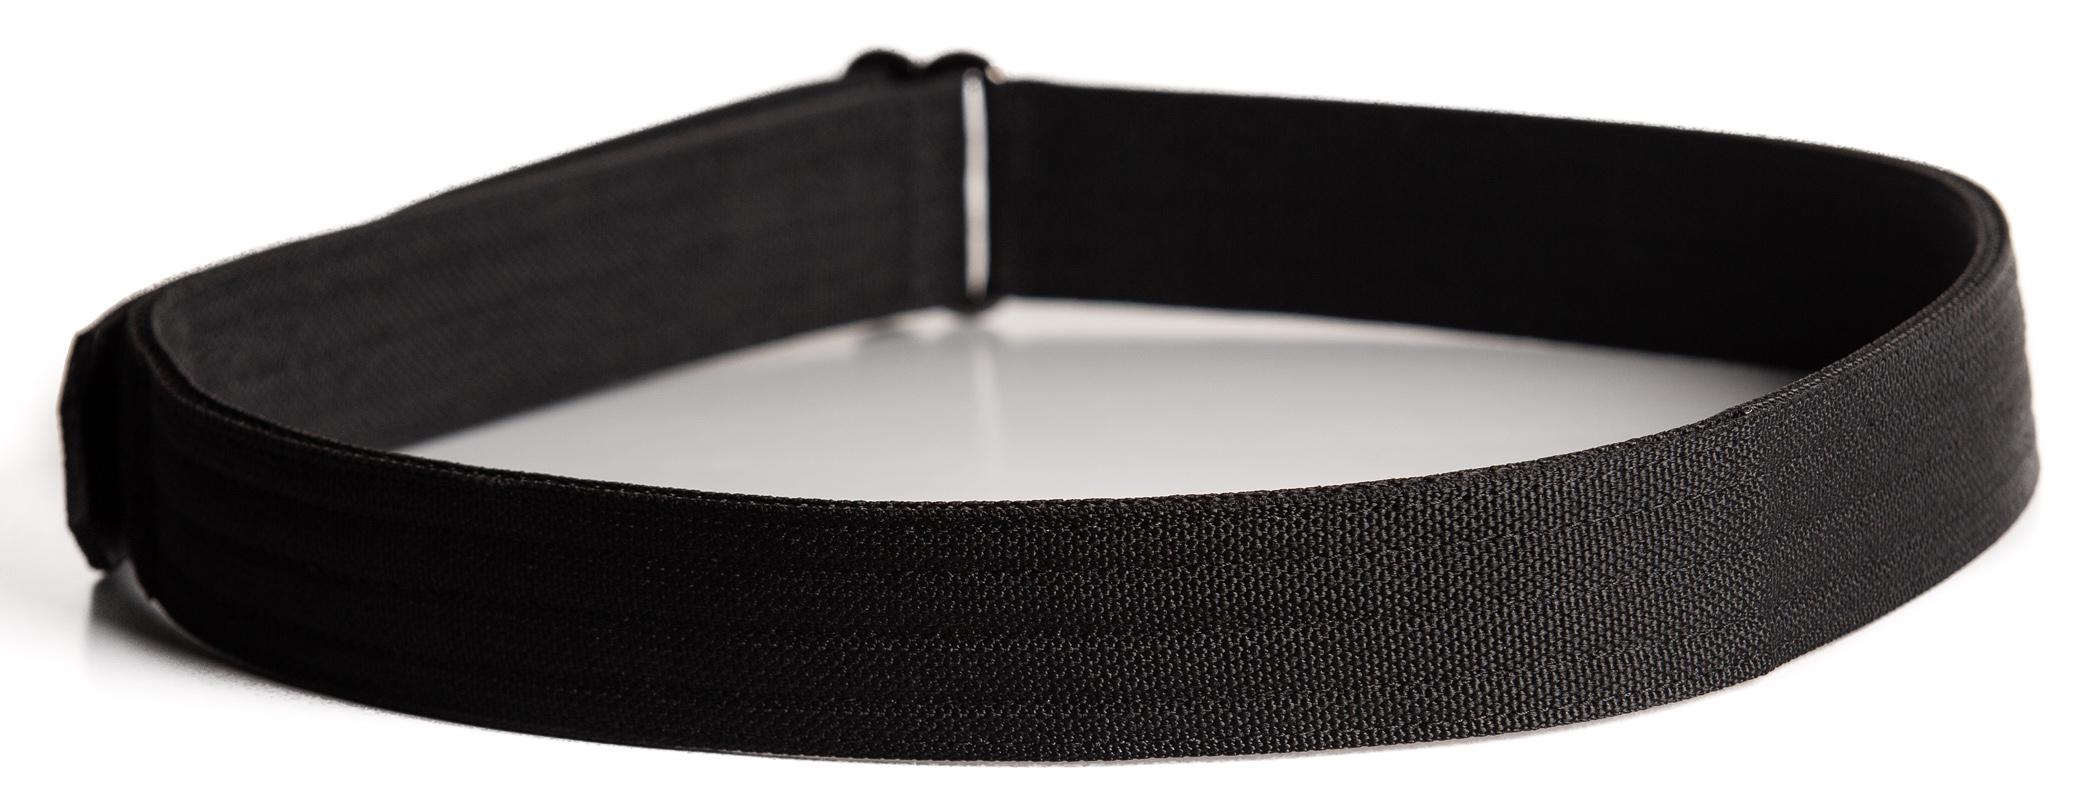 EDC Belt Co Foundation Concealed Carry Belt wide